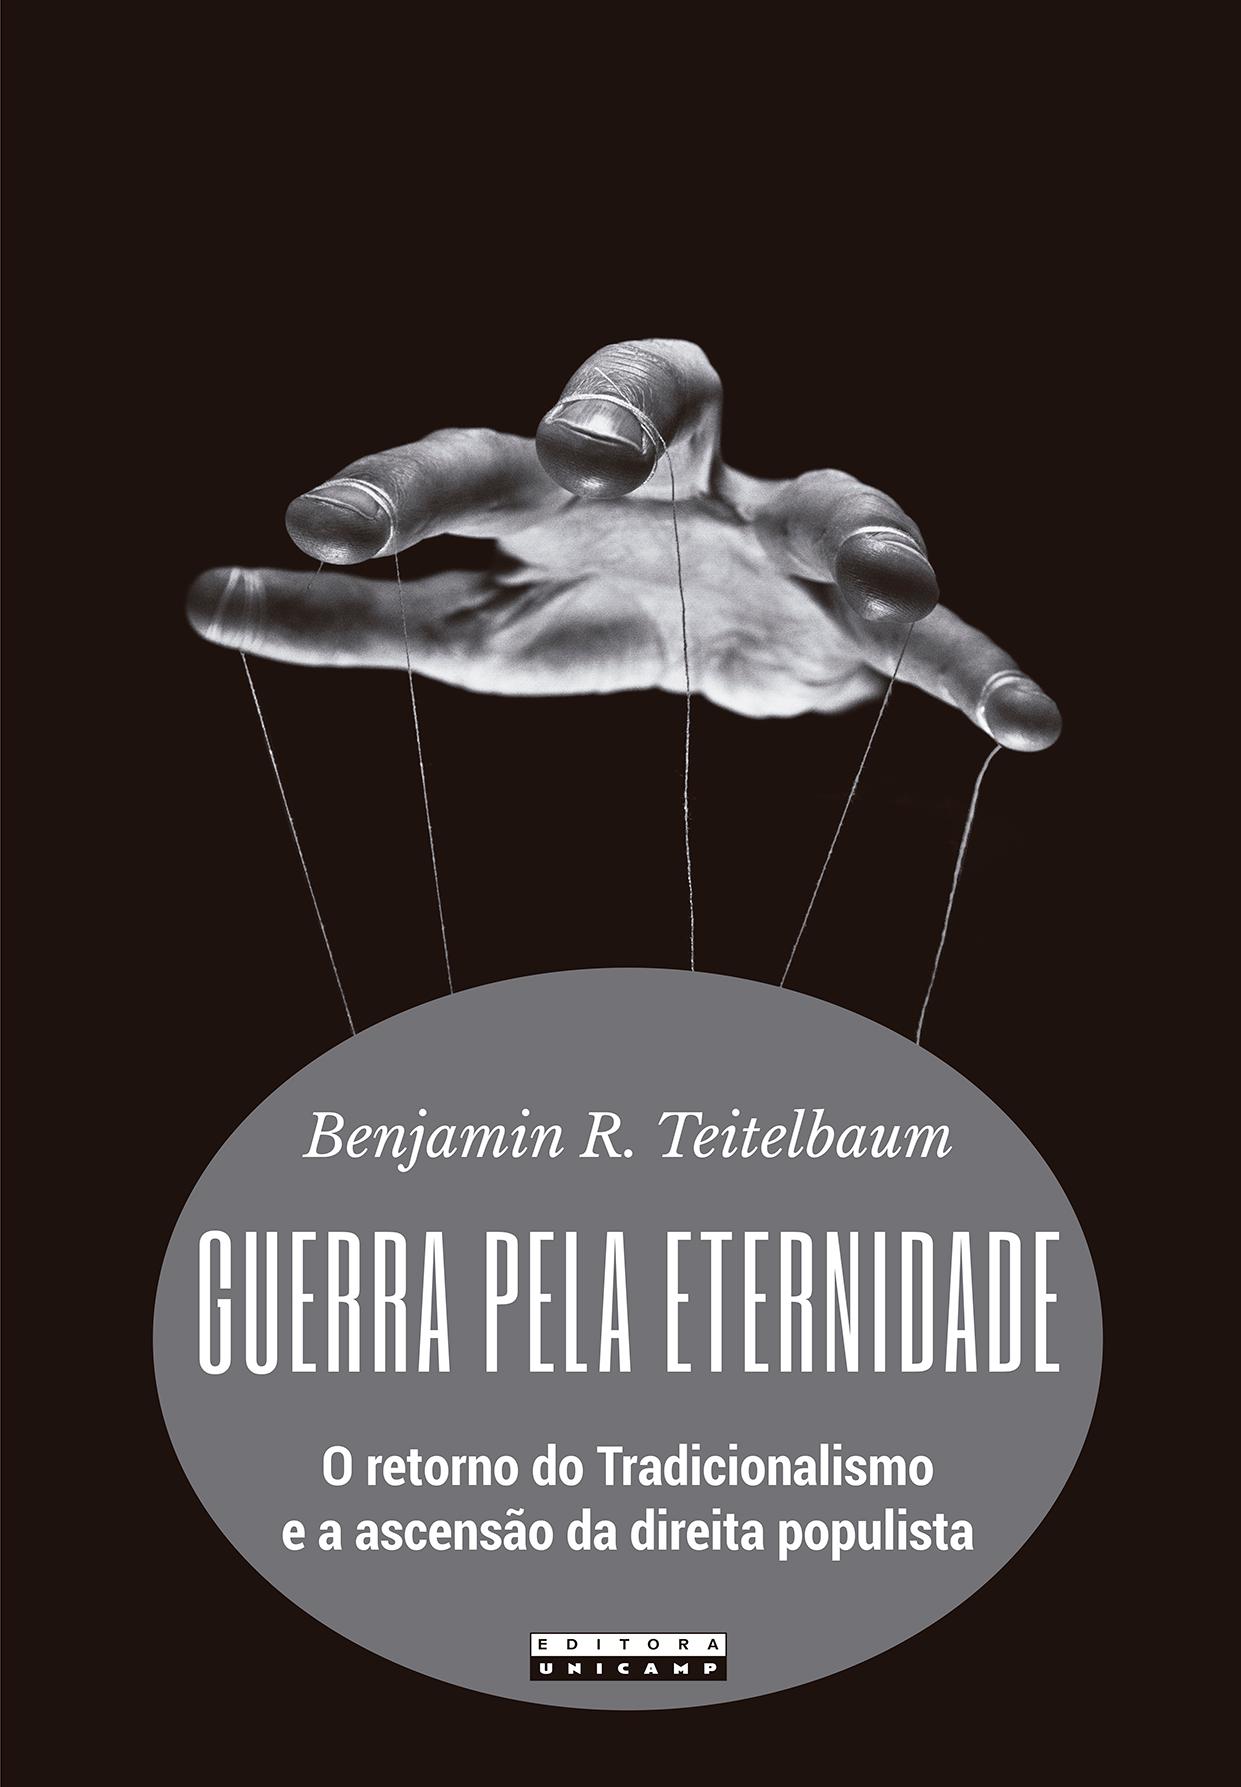 Guerra pela eternidade. O retorno do tradicionalismo e a ascensão da direita populista, livro de Benjamin R. Teitelbaum